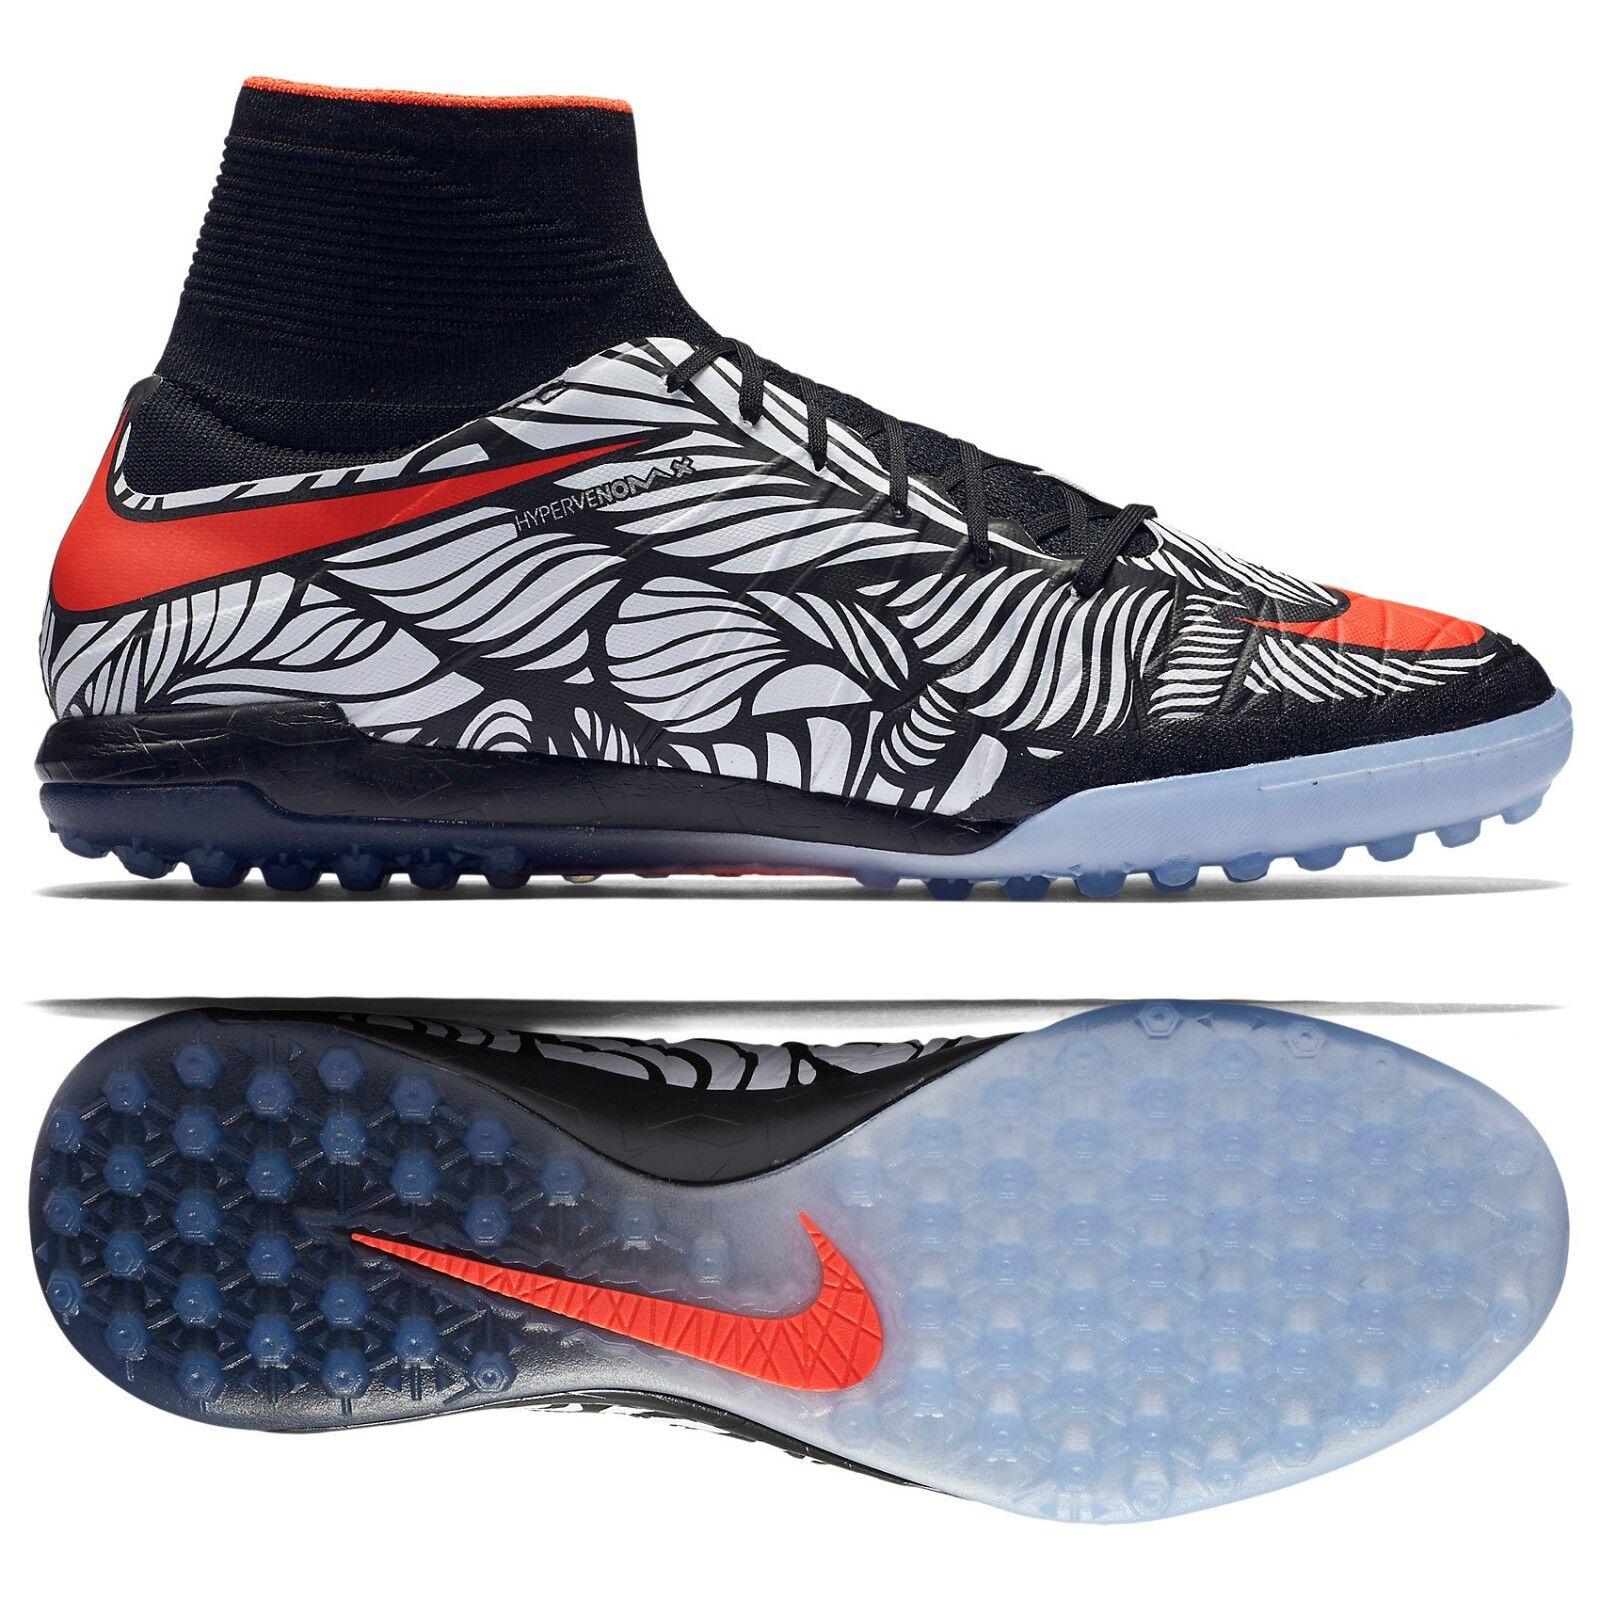 Nike HypervenomX Proximo Neymar NJR TF 820134-061 Black Men Soccer Cleats Sz 11